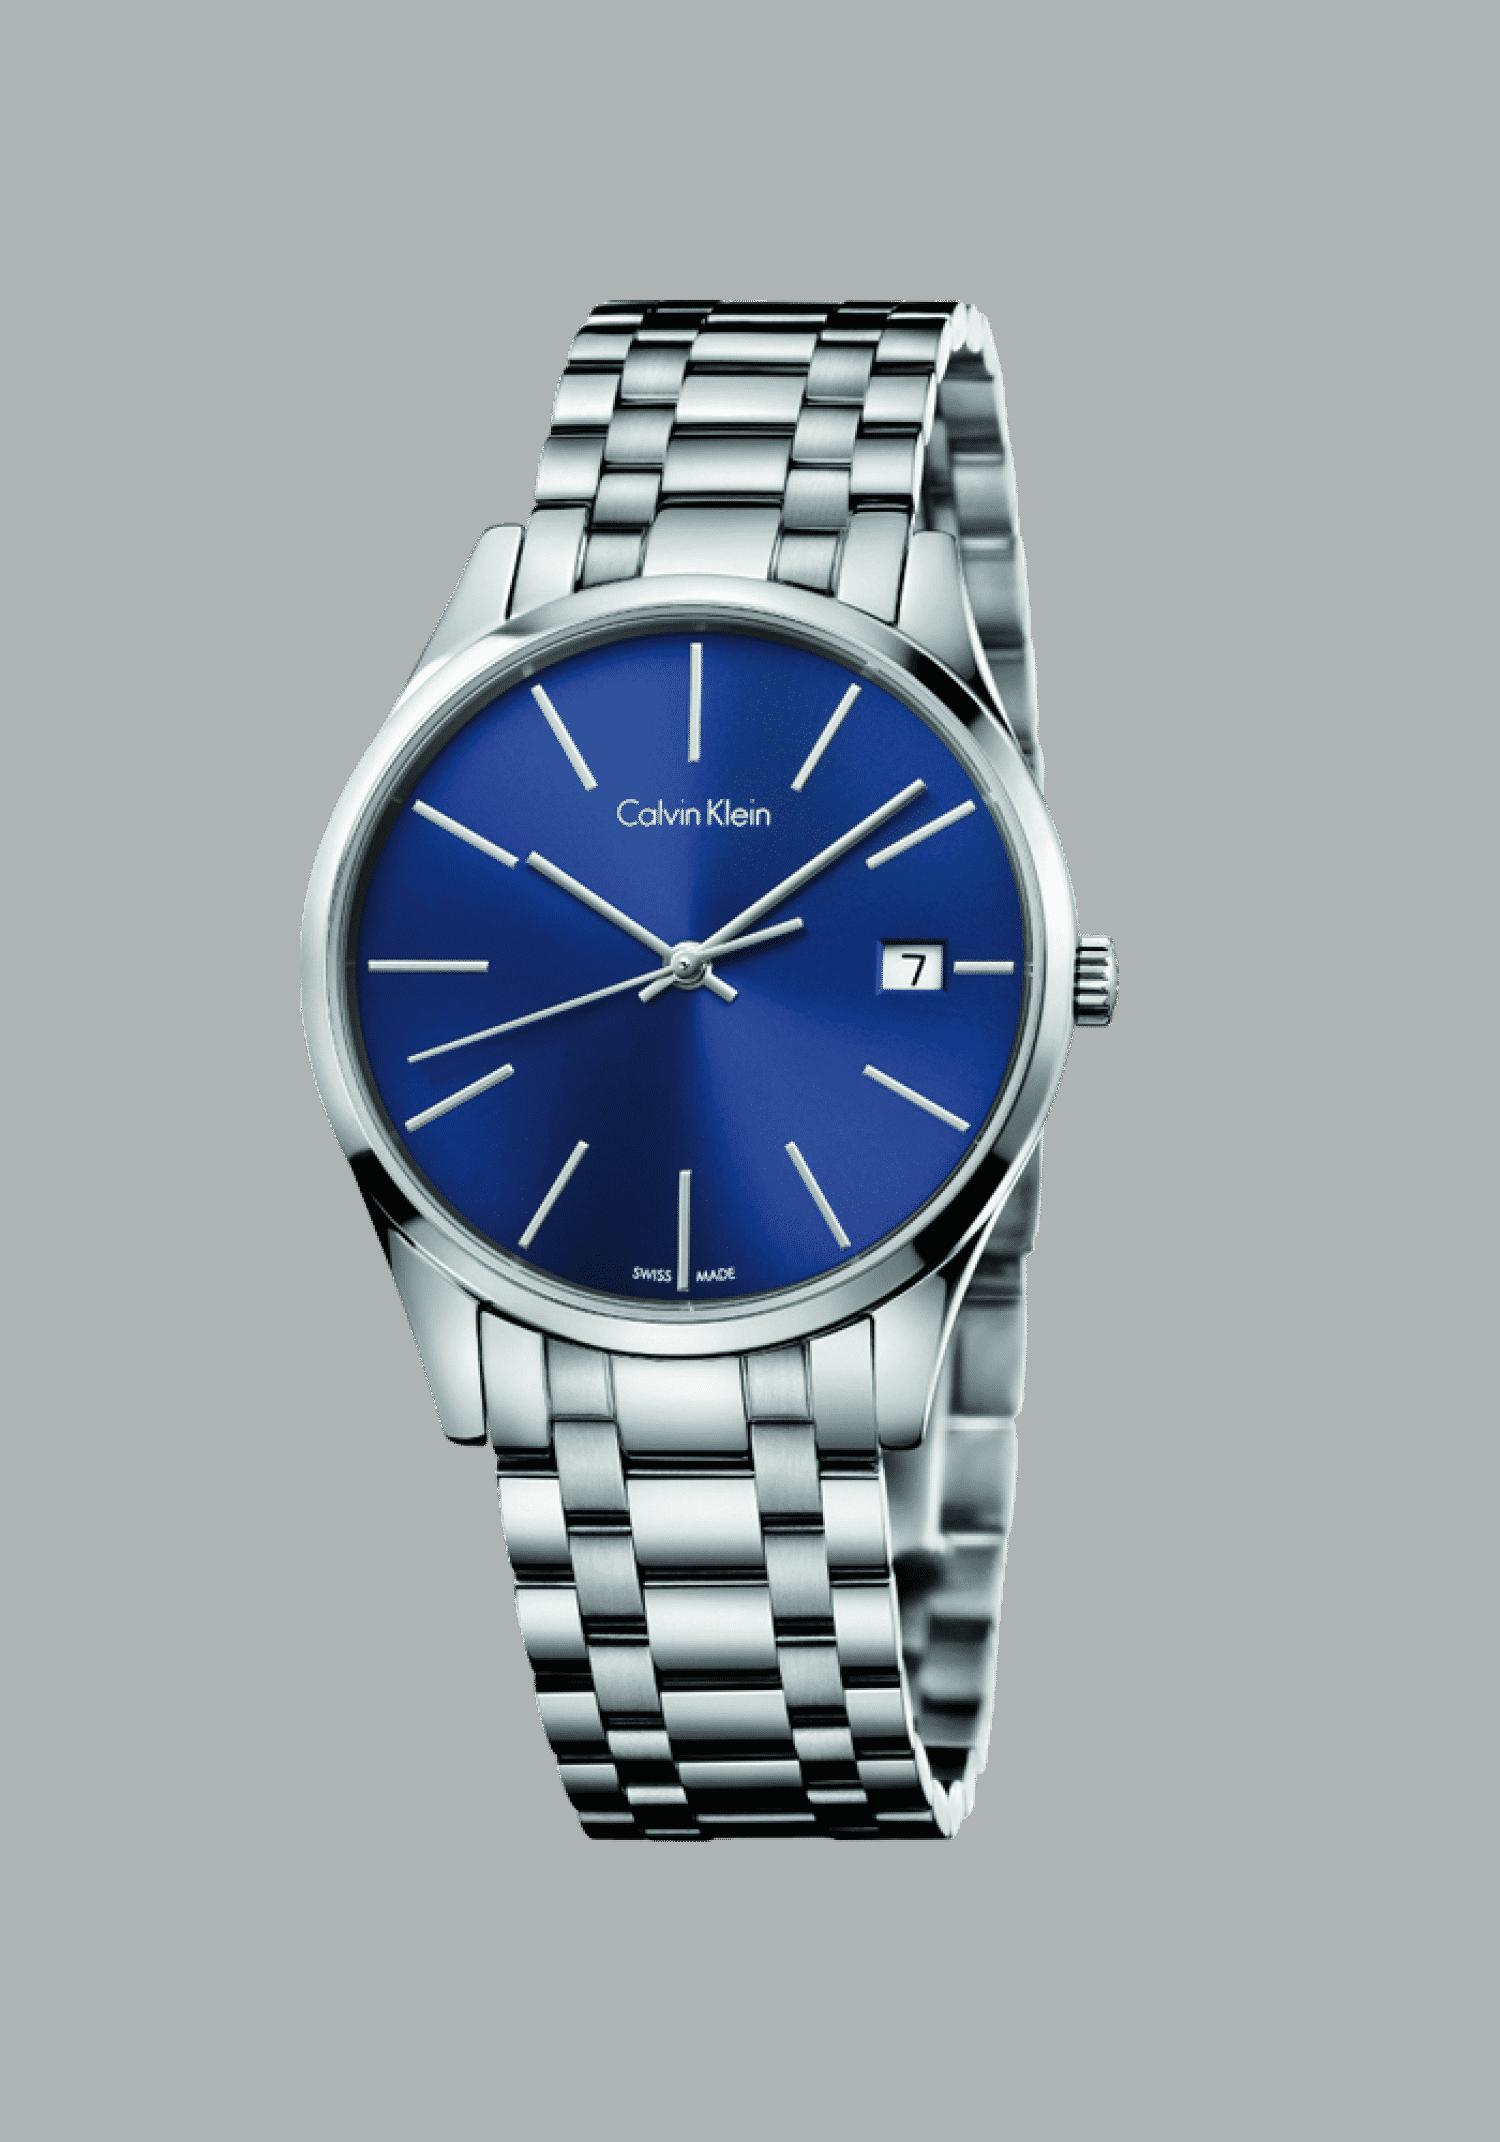 Calvin Klein Time by blue Lady, K4N2314N, Edelstahl, silber